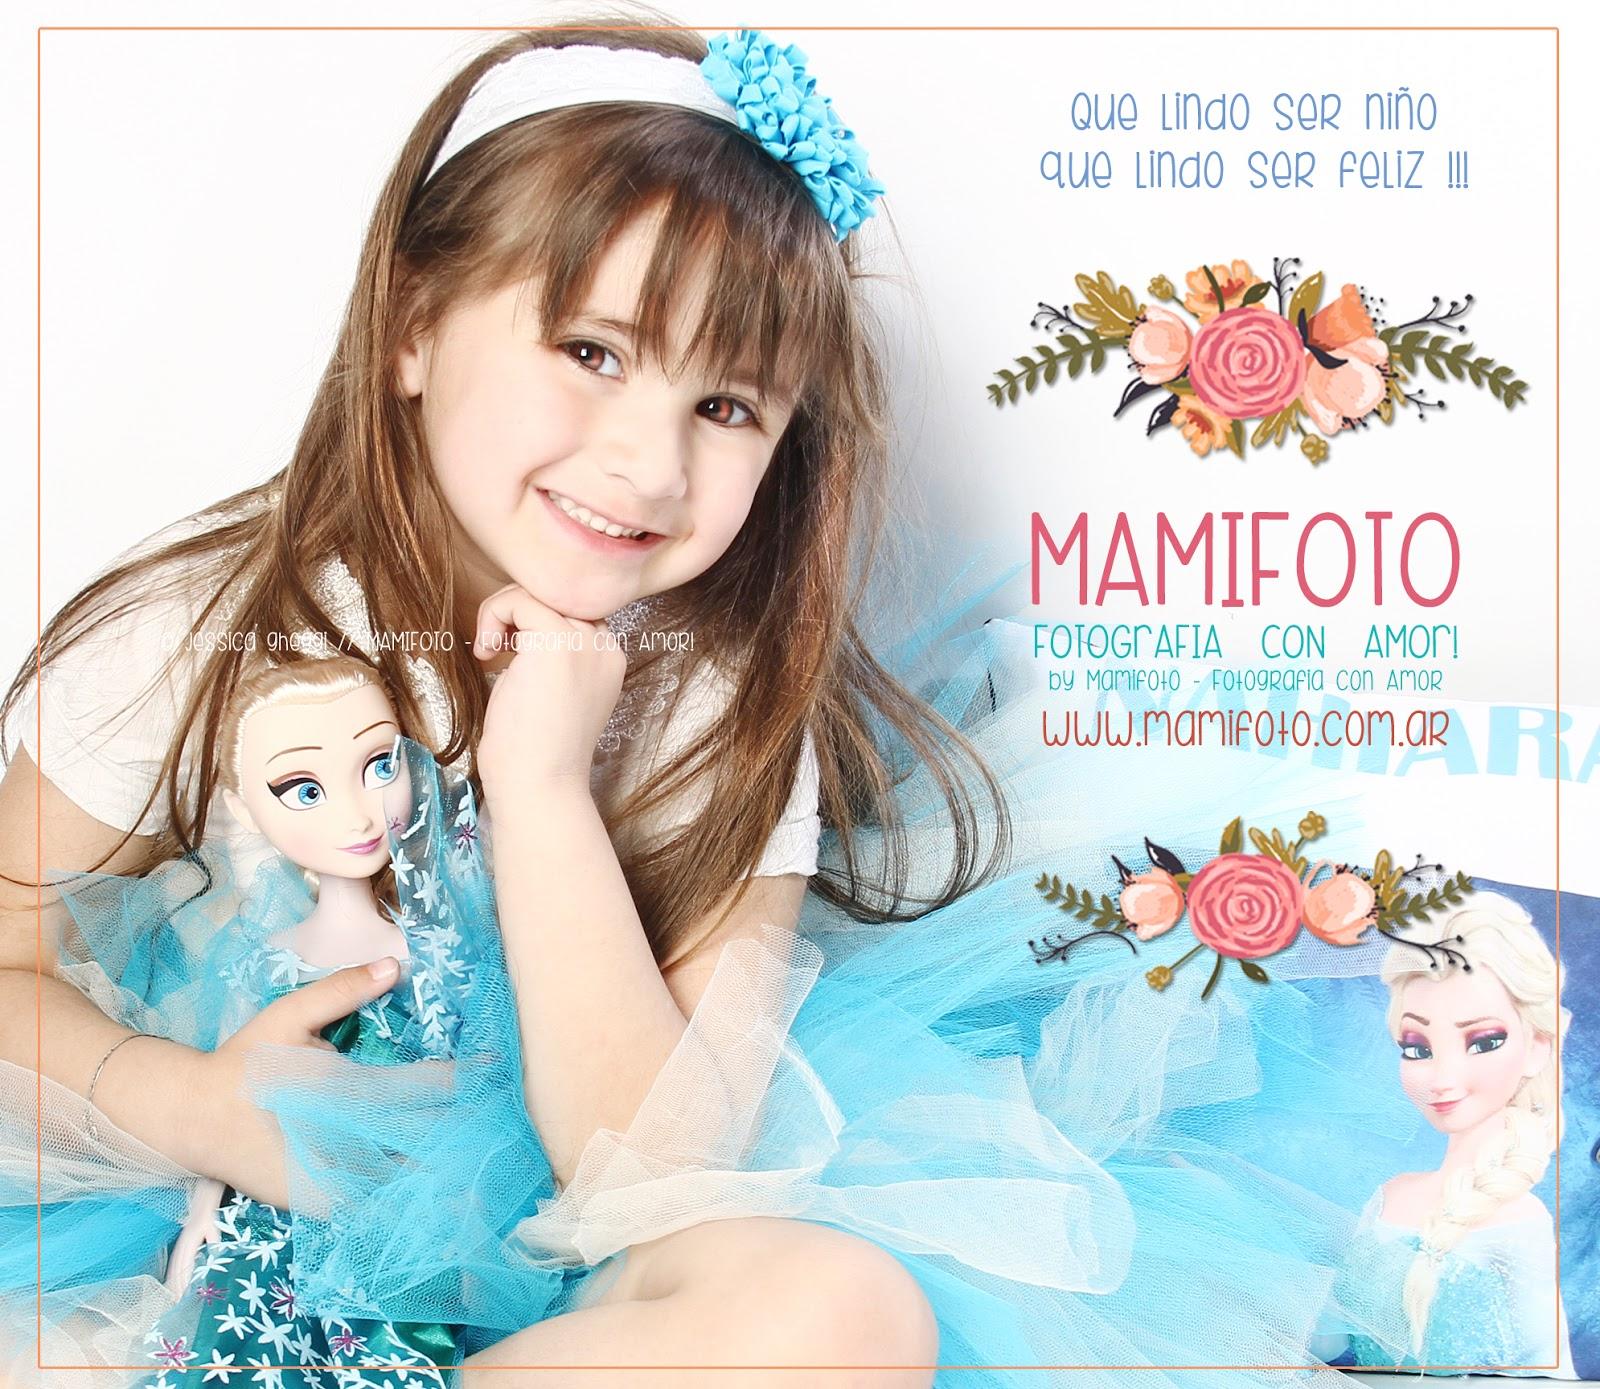 Mamifoto Fotografia Con Amor